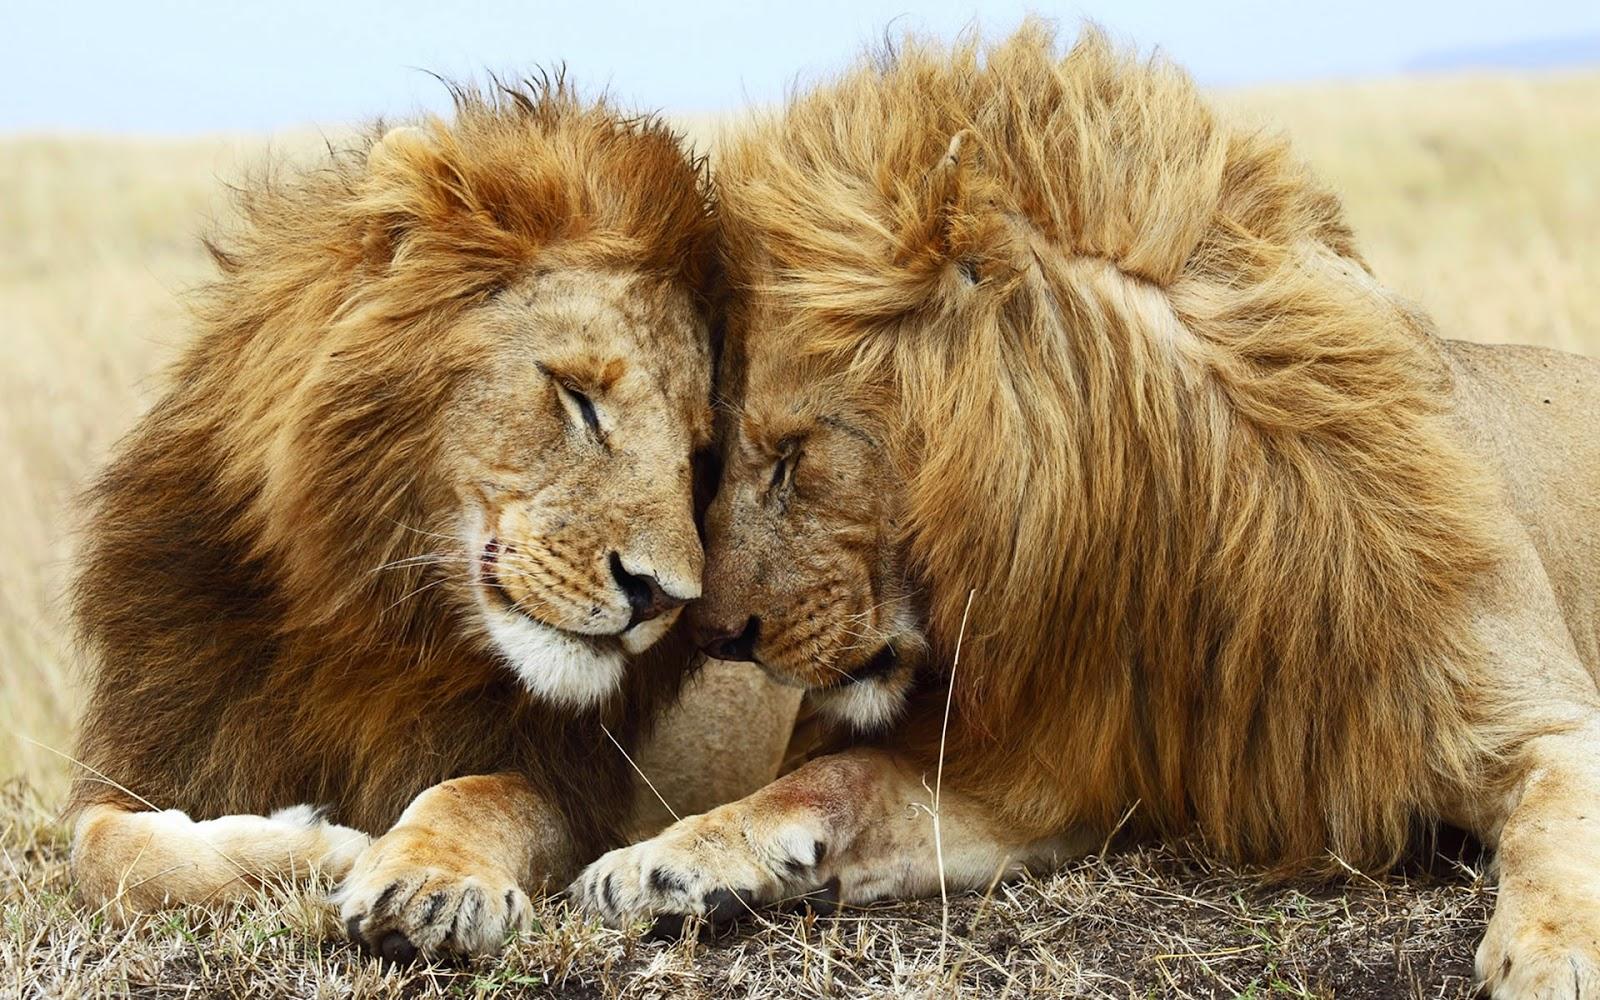 """<img src=""""http://2.bp.blogspot.com/-fgPpmtcpmic/U8VJ-AUlX6I/AAAAAAAALuY/zSxSekoKGdg/s1600/lion-couple-hd-wallpaper.jpeg"""" alt=""""Lion Couple HD Wallpaper"""" />"""